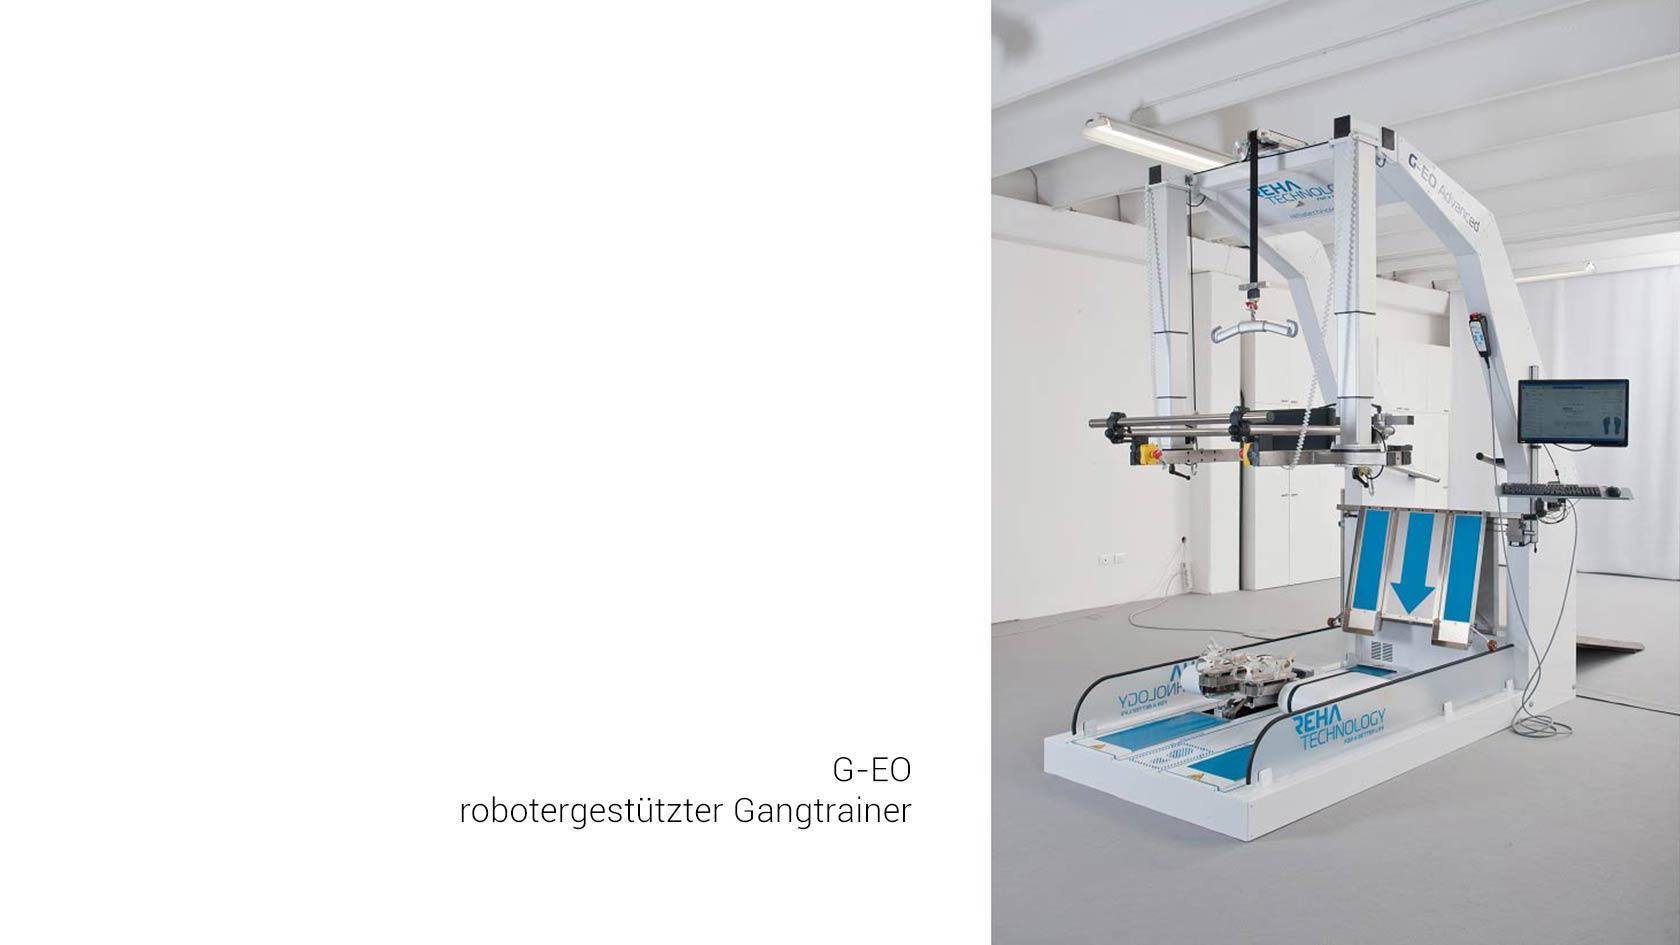 G-EO robotergestützter Gangtrainer